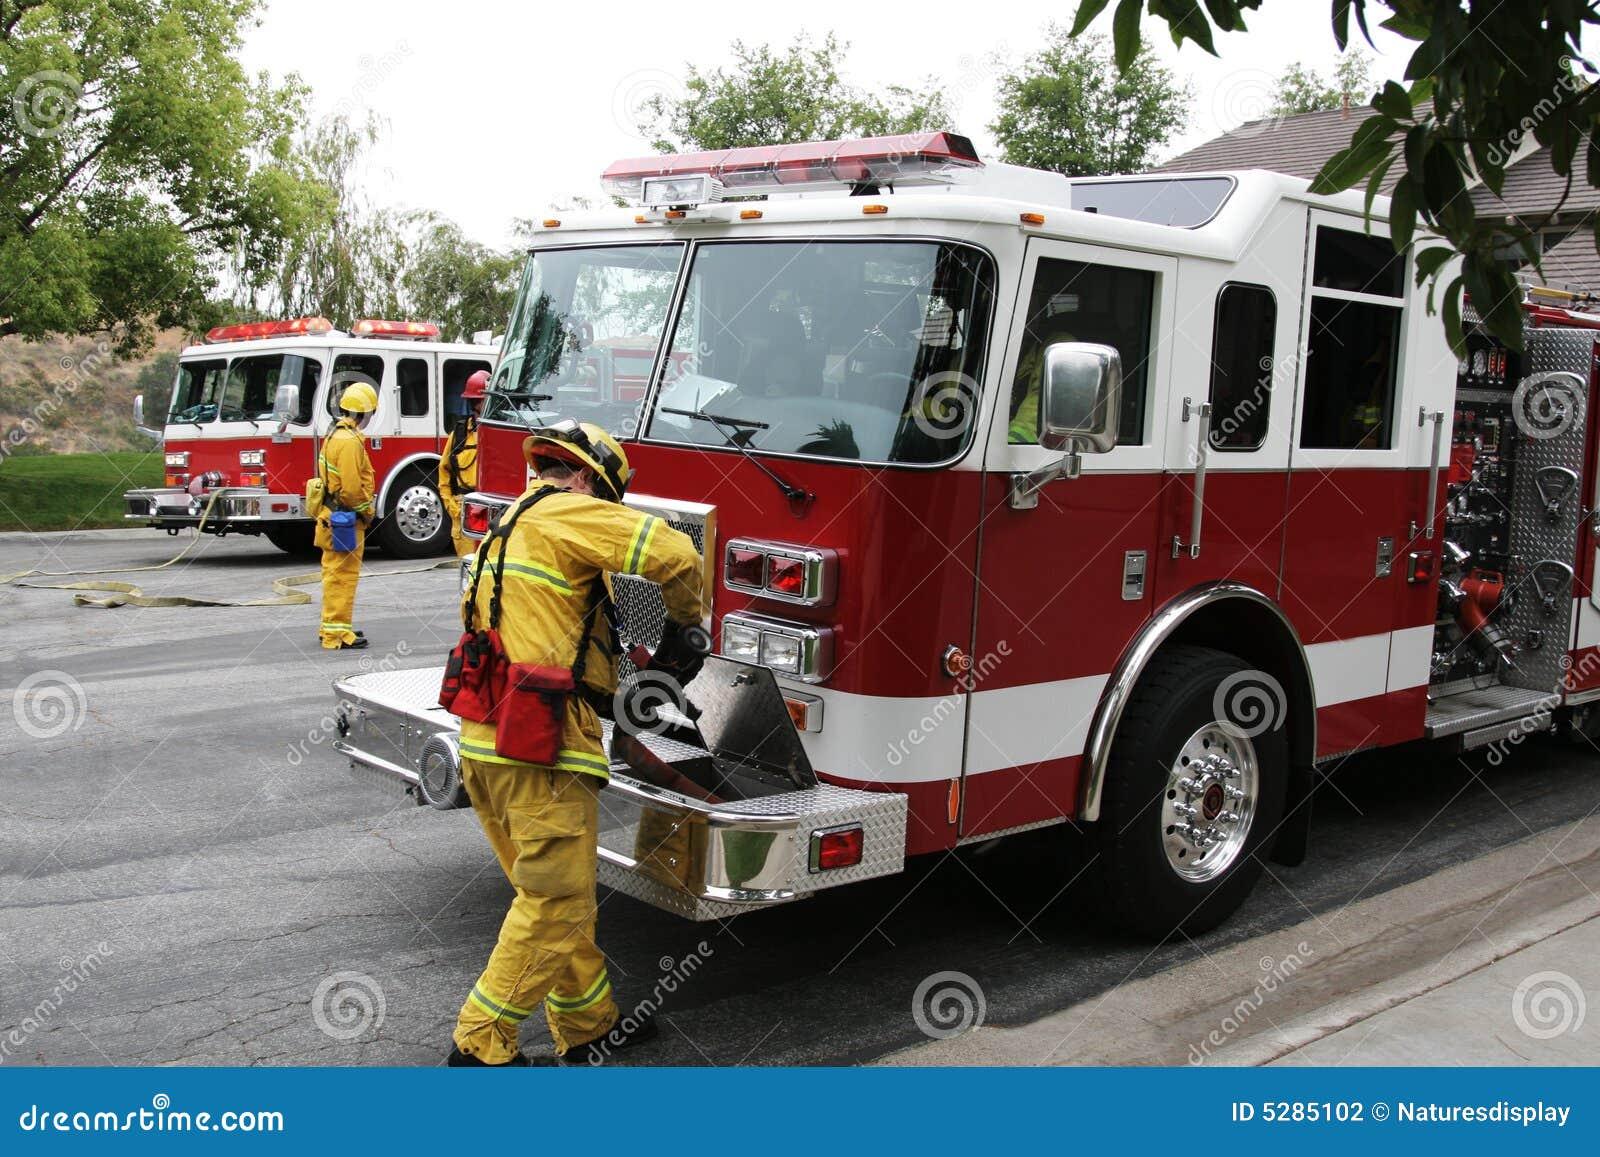 Fire Trucks & Fire Fighters